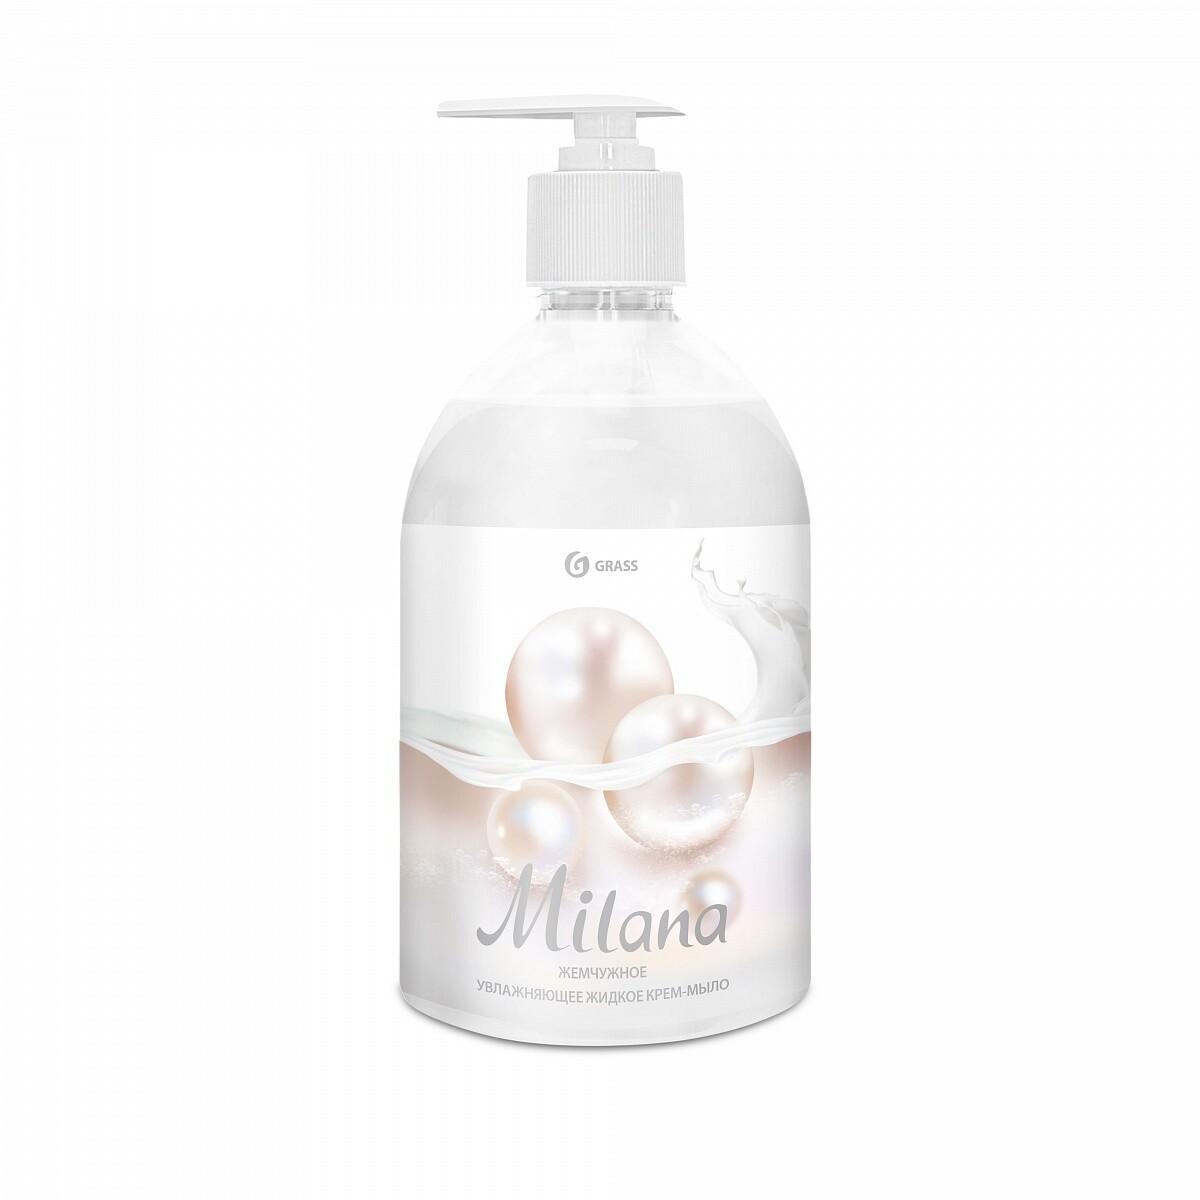 """Жидкое крем-мыло """"Milana"""" жемчужное с дозатором, 500 мл"""